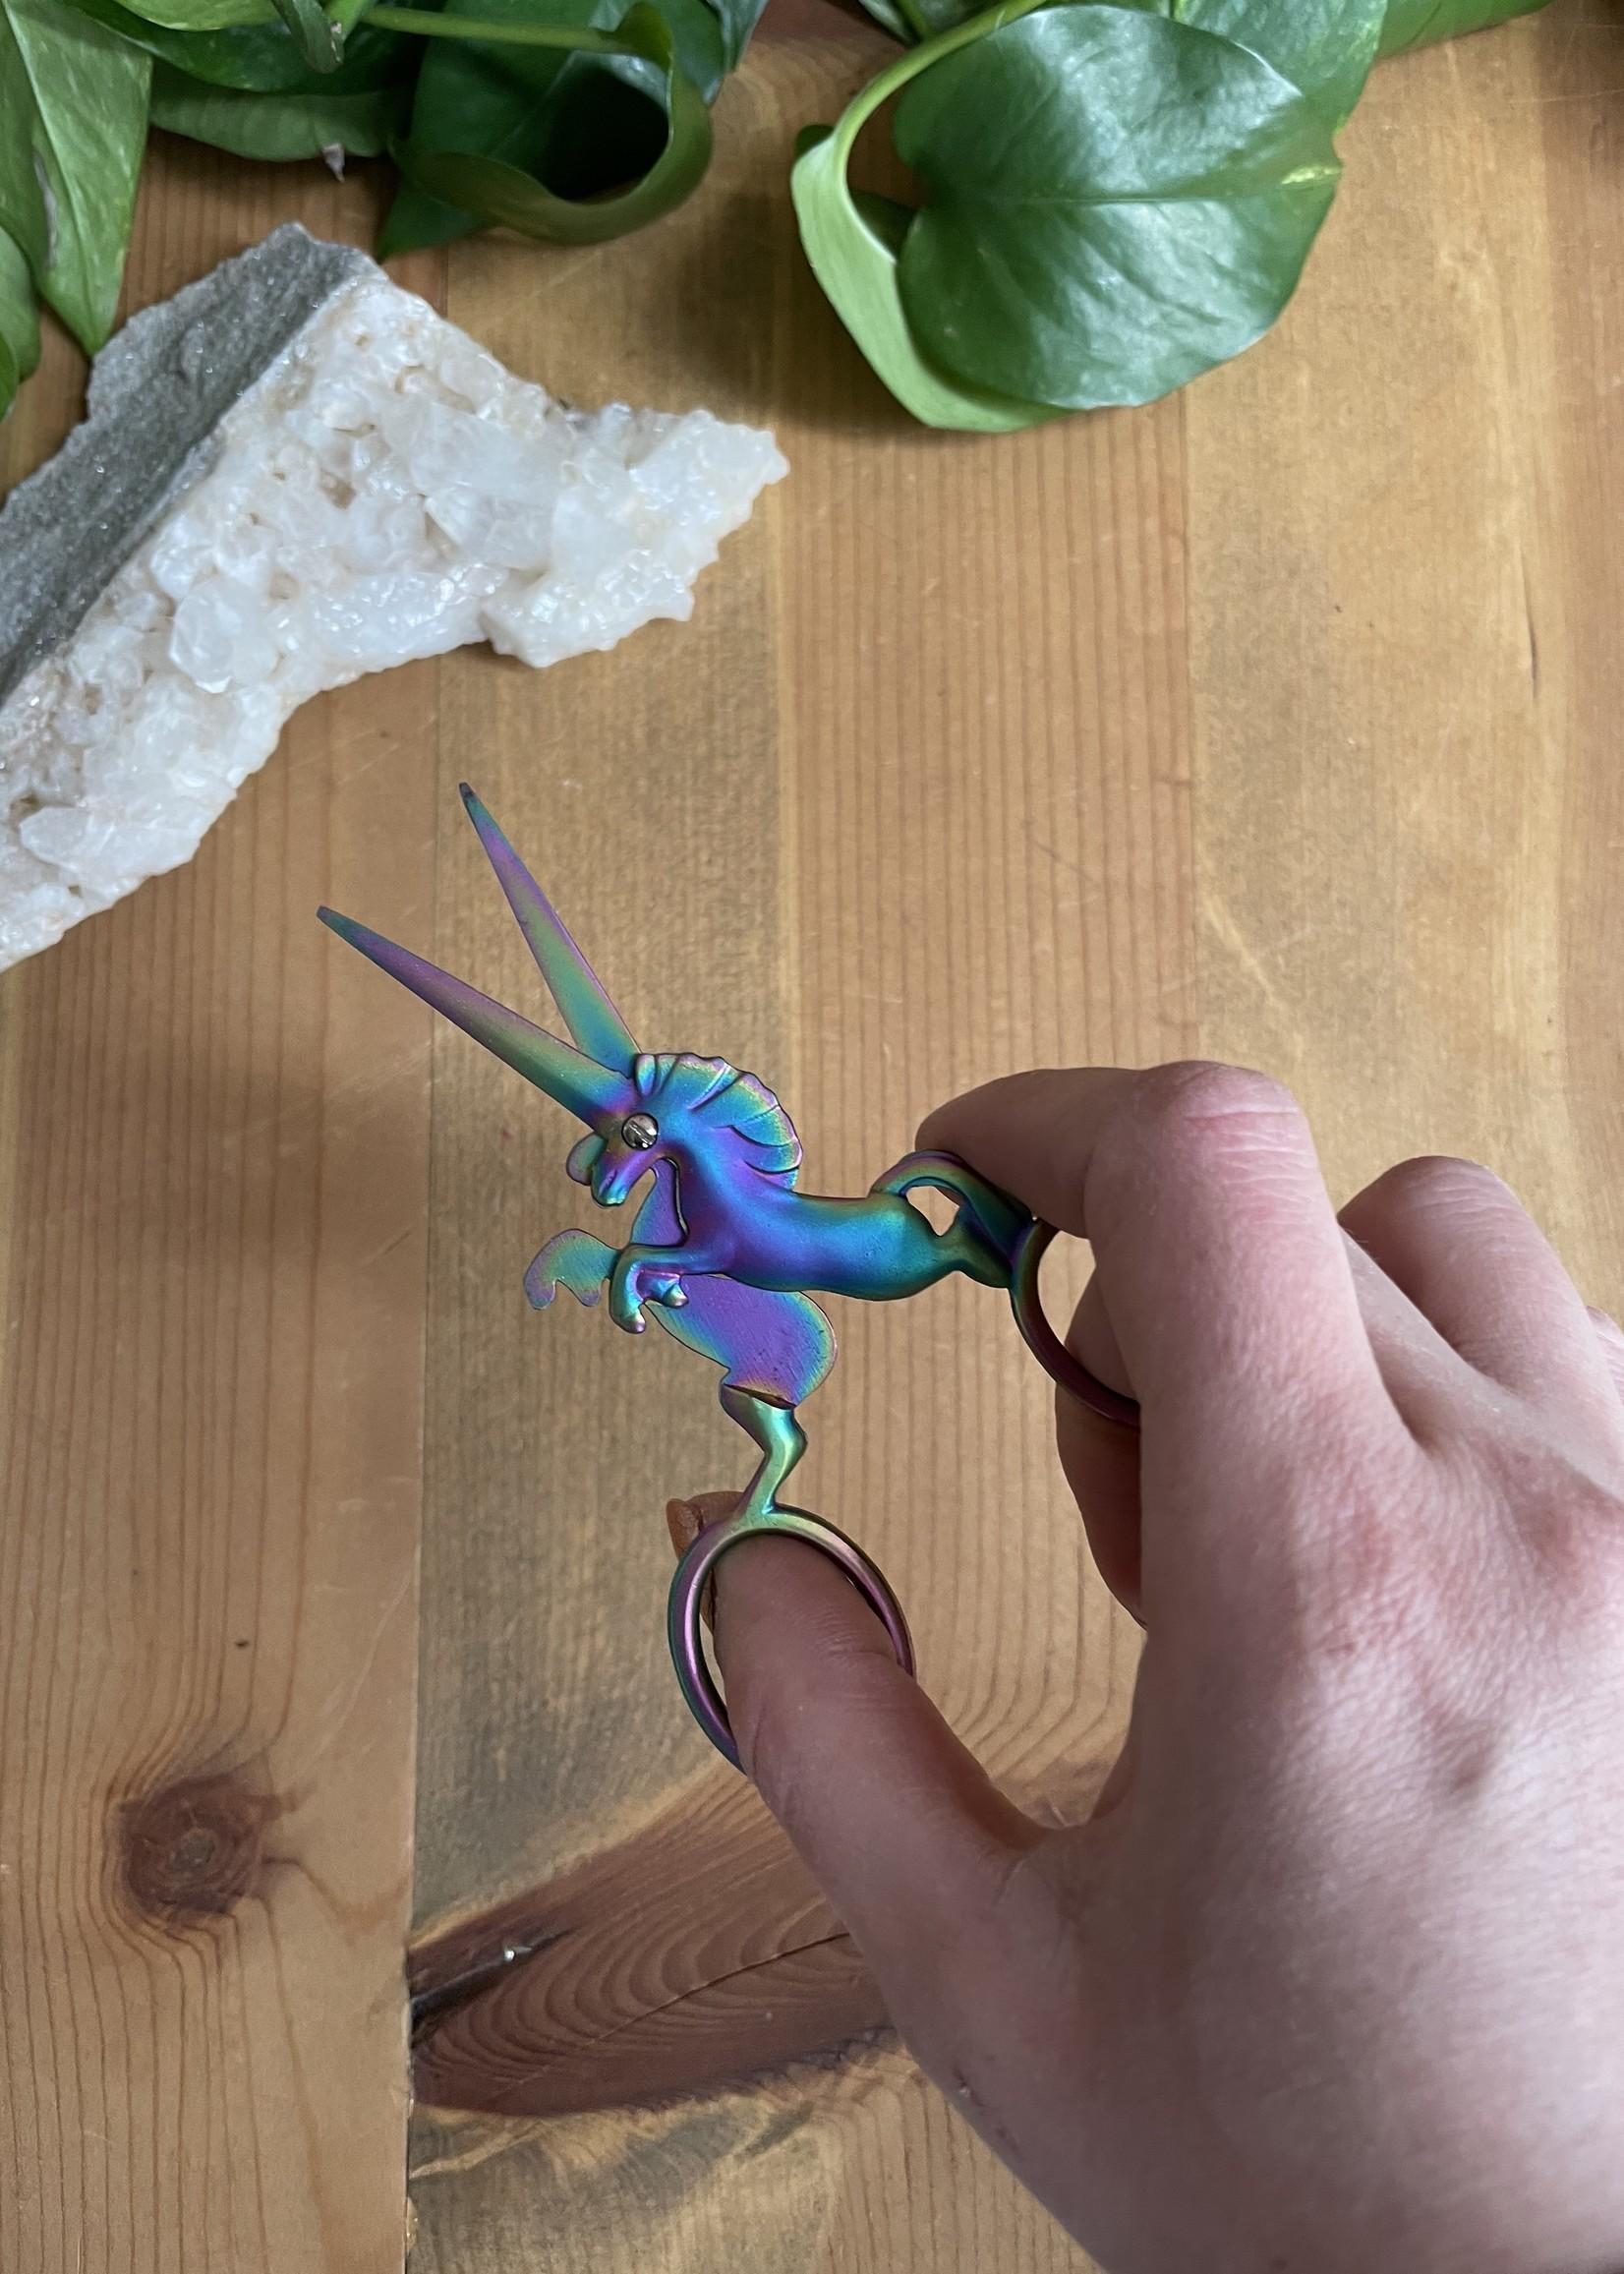 unicorn scissors - iridescent